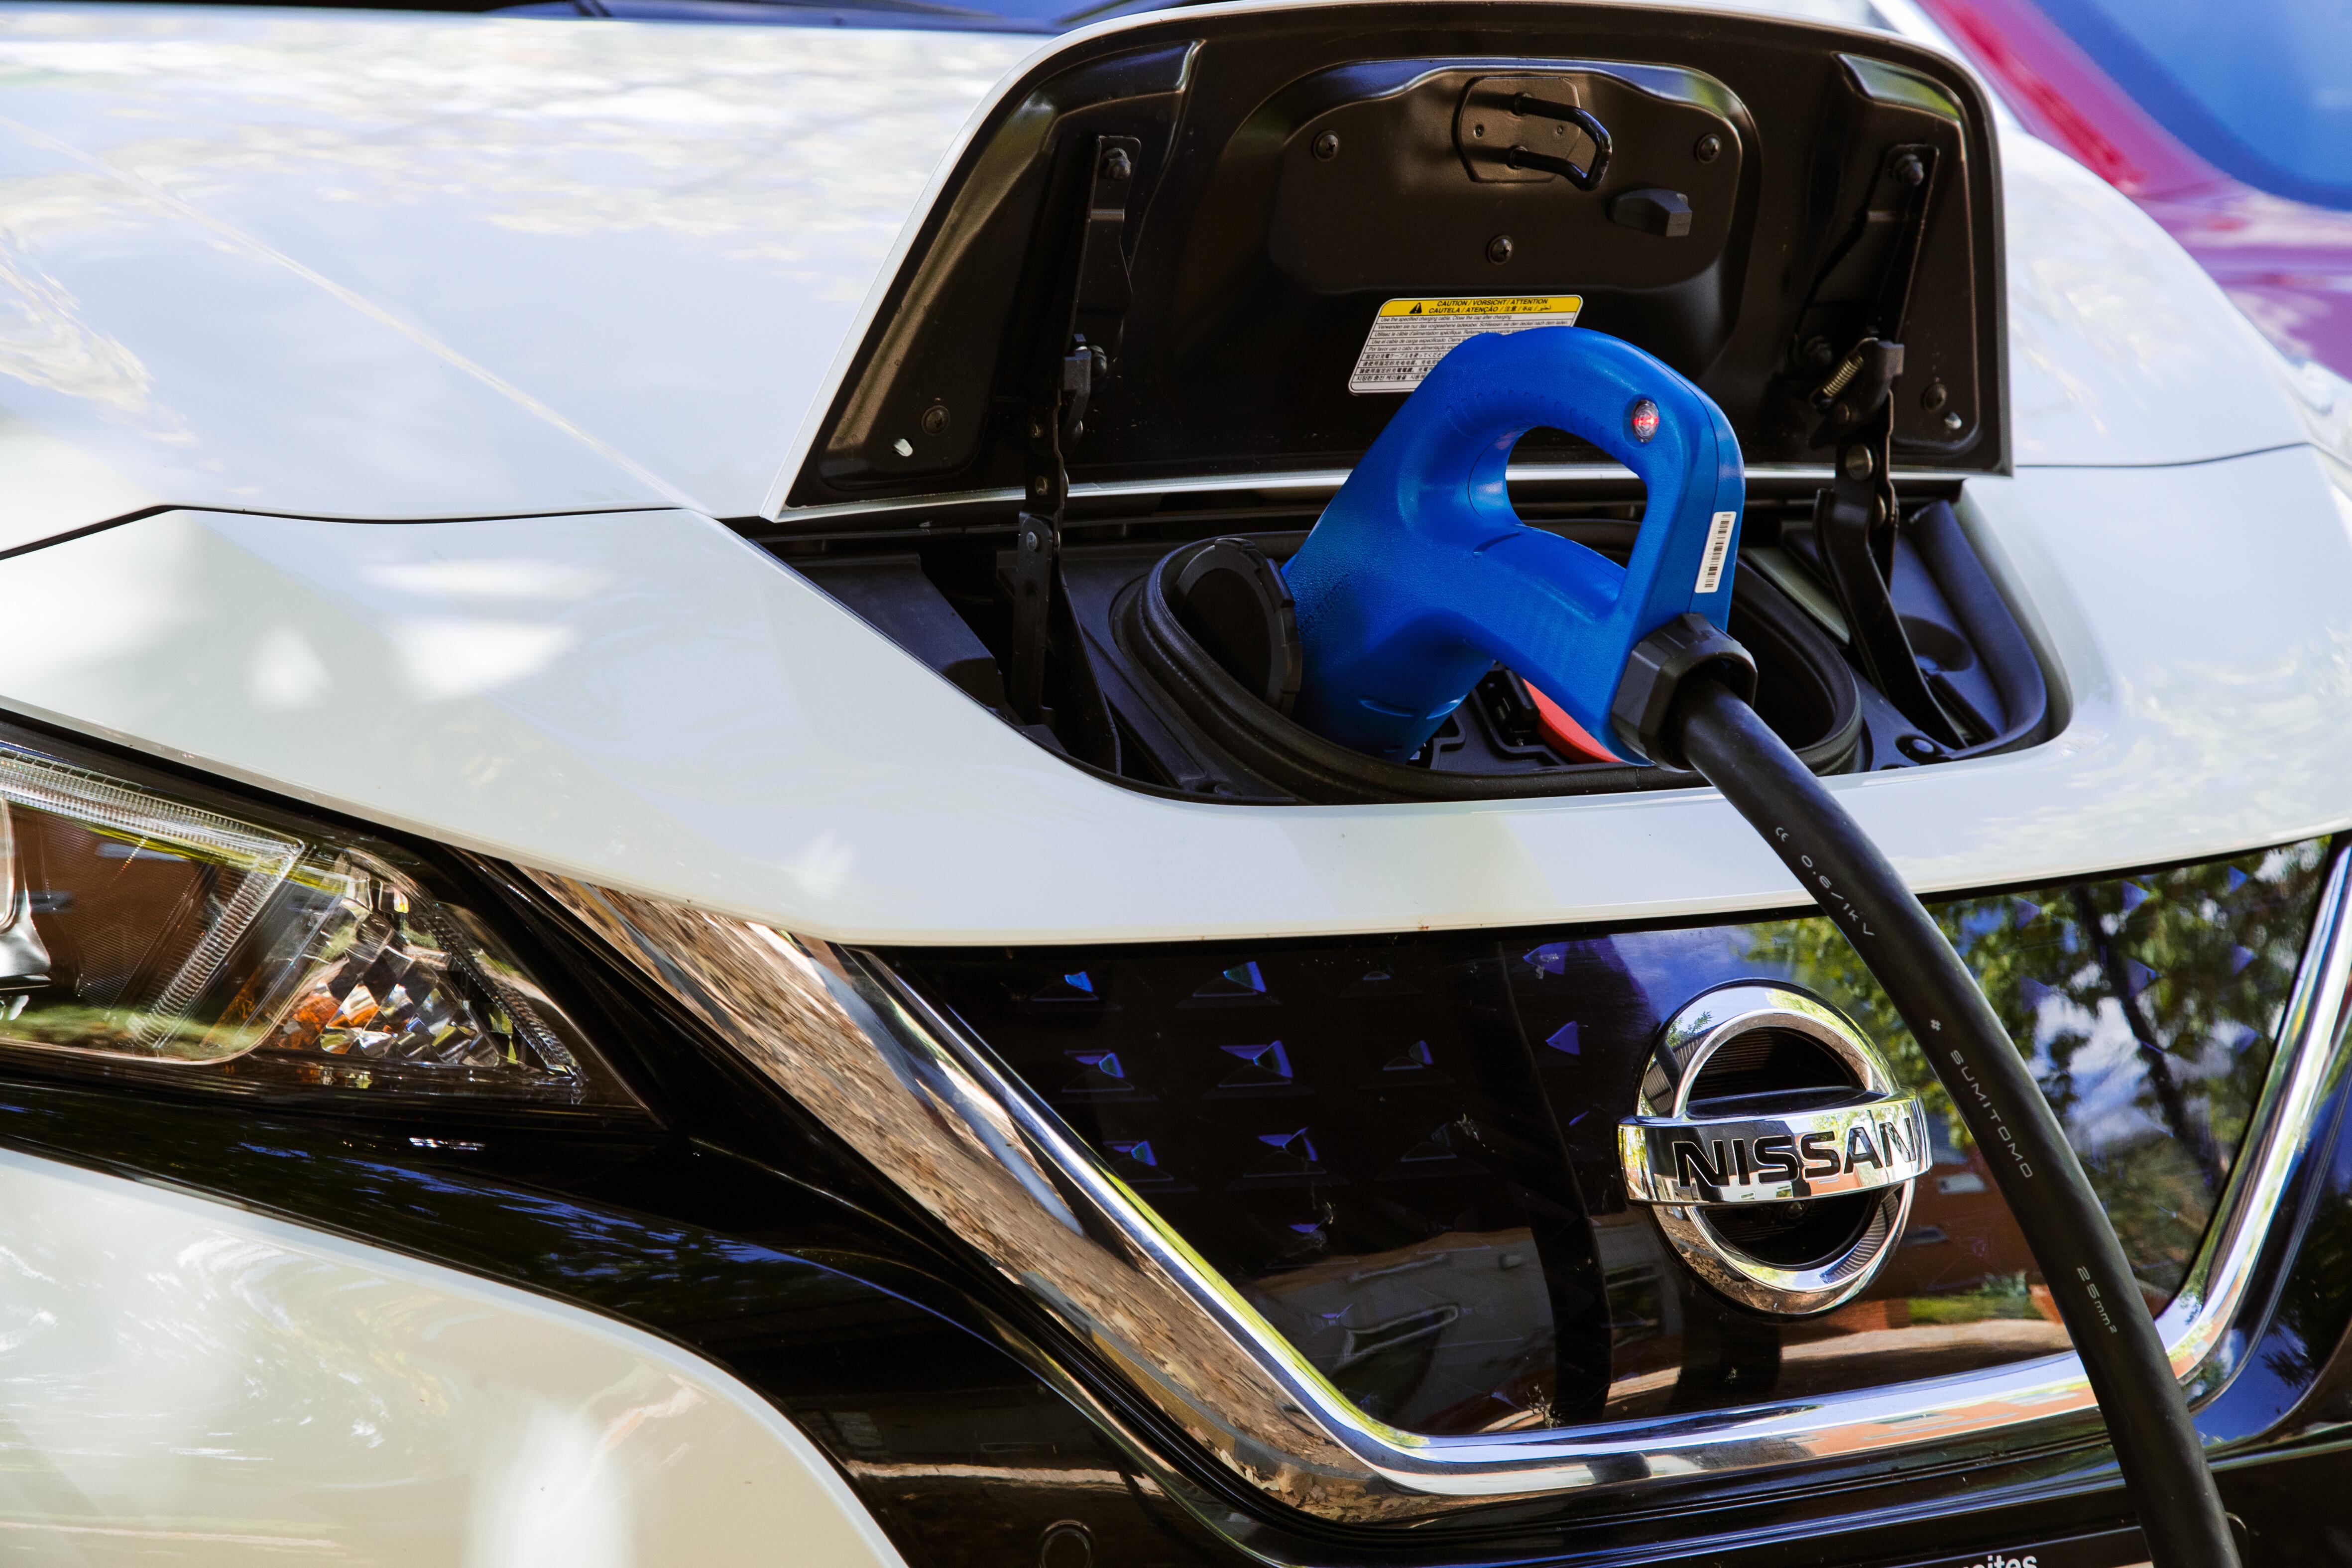 Nissan Recharging